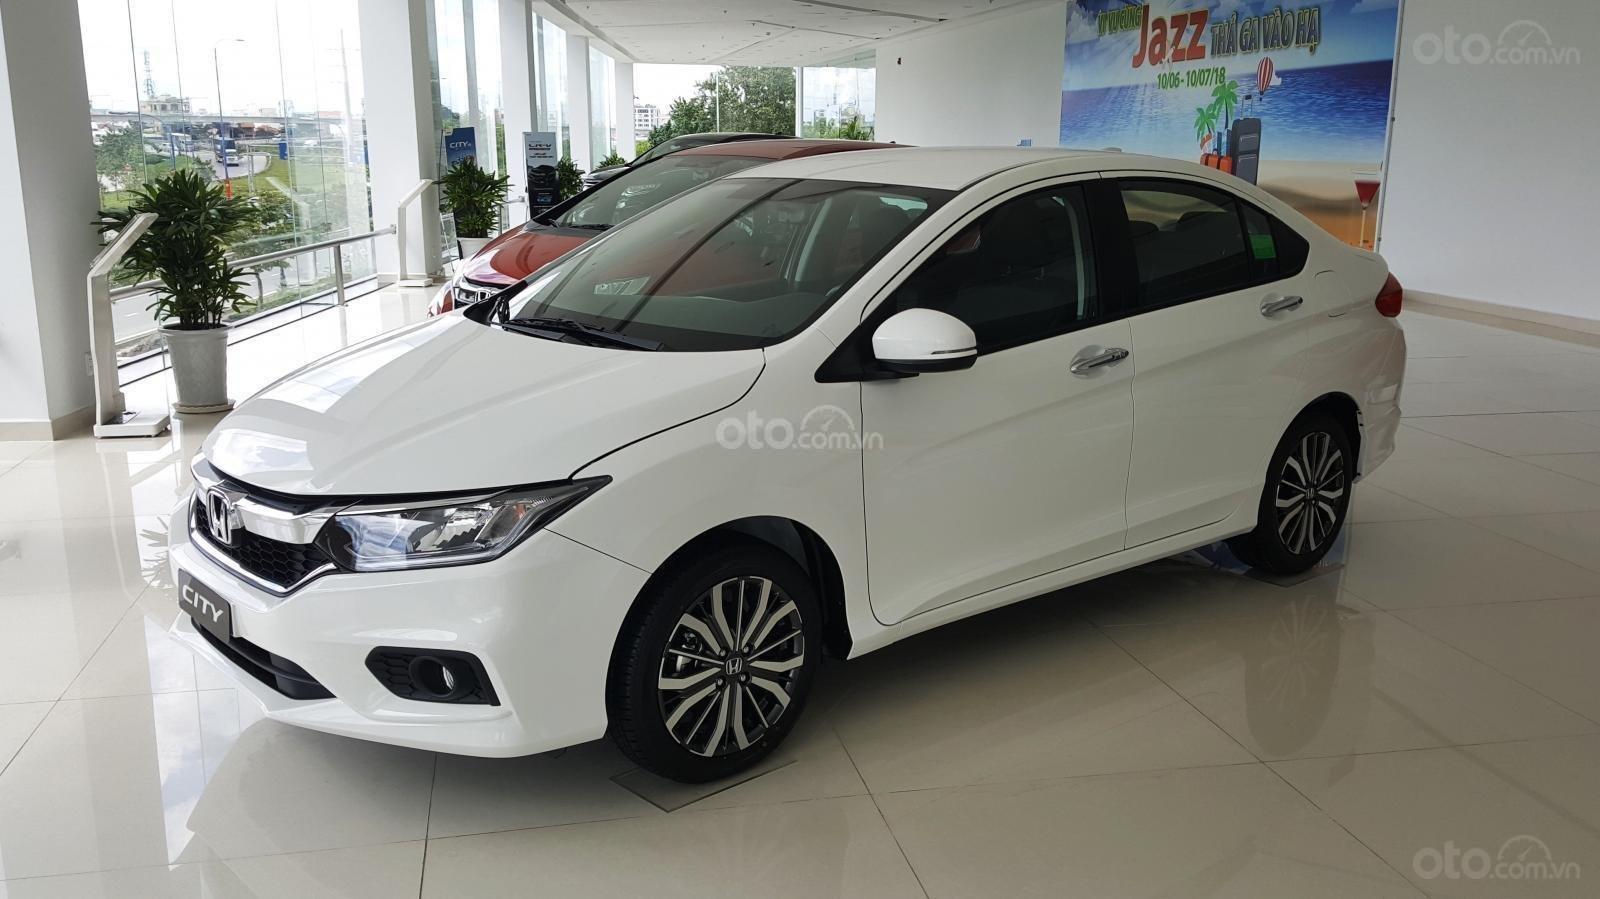 Thông số kỹ thật xe Honda City 2020 mới nhất tại Việt Nam a2